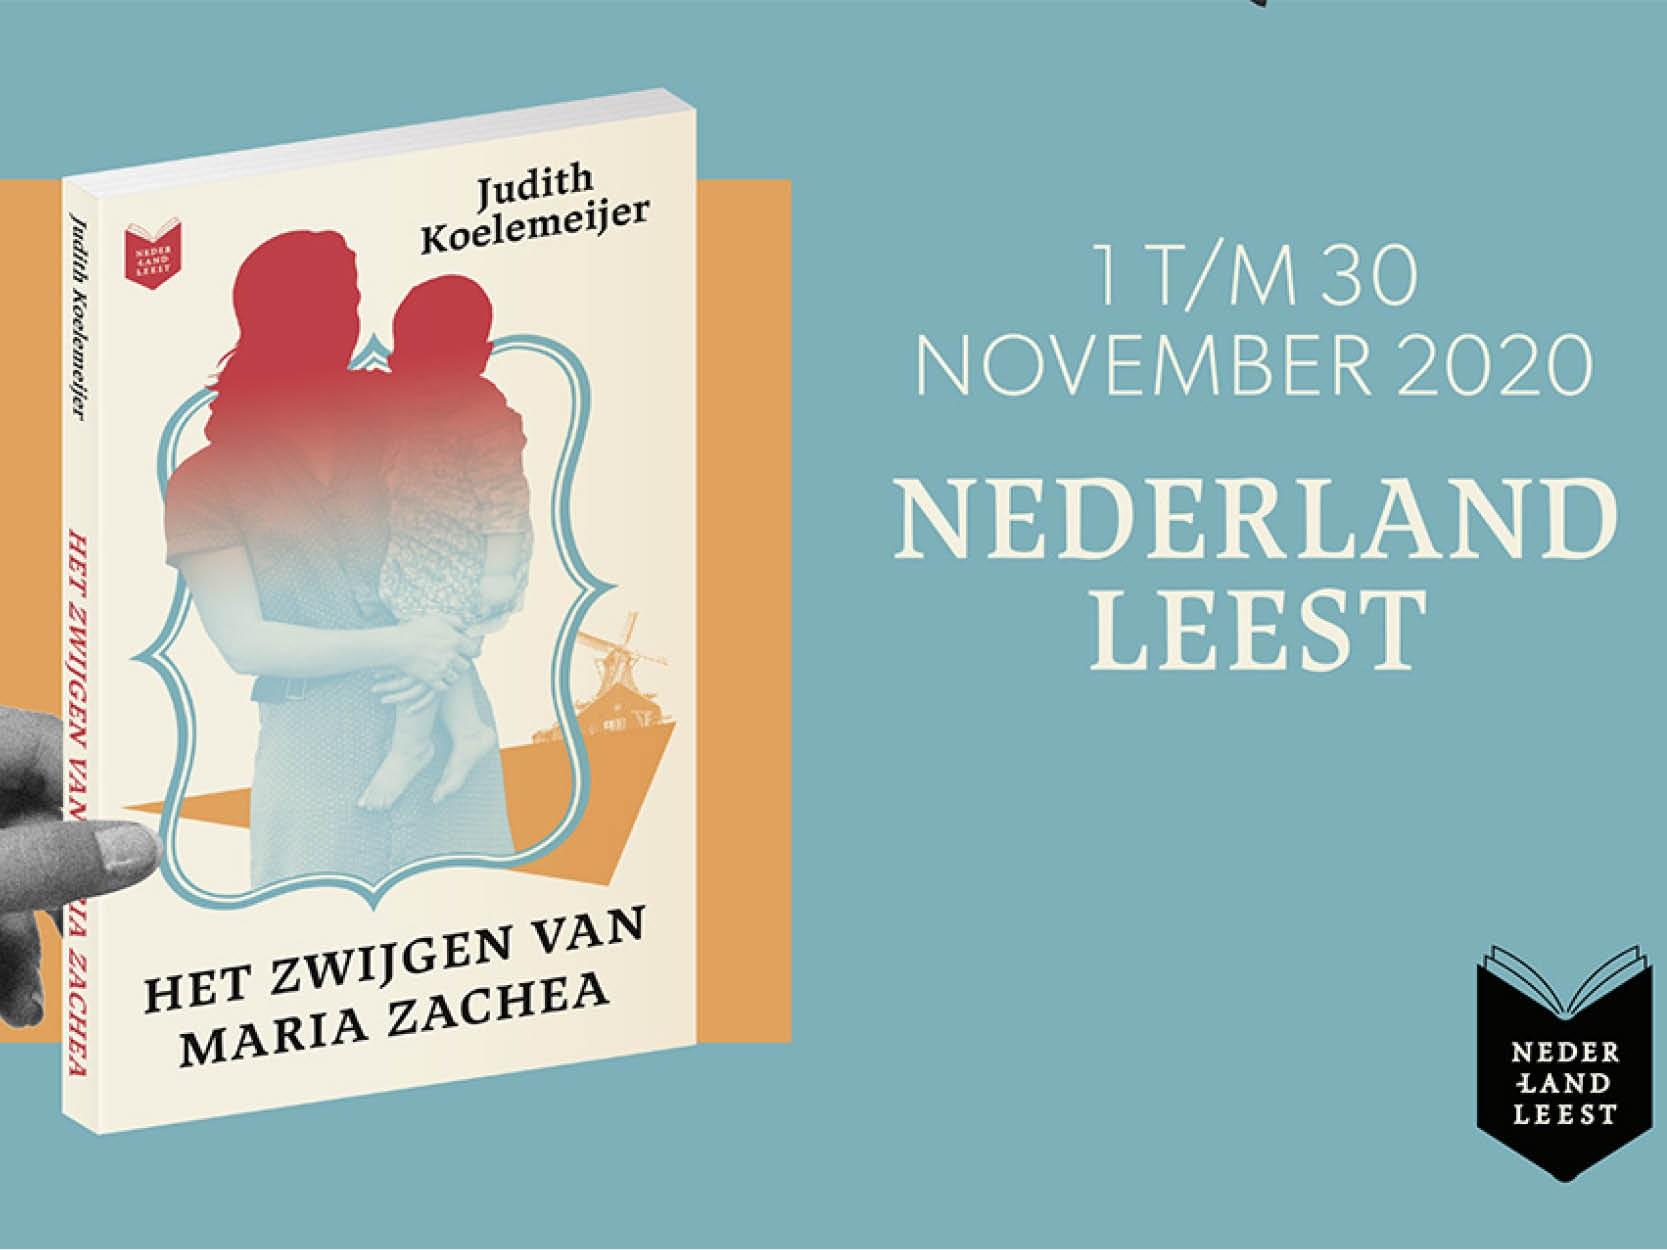 Nederland Leest: communicatietoolkit